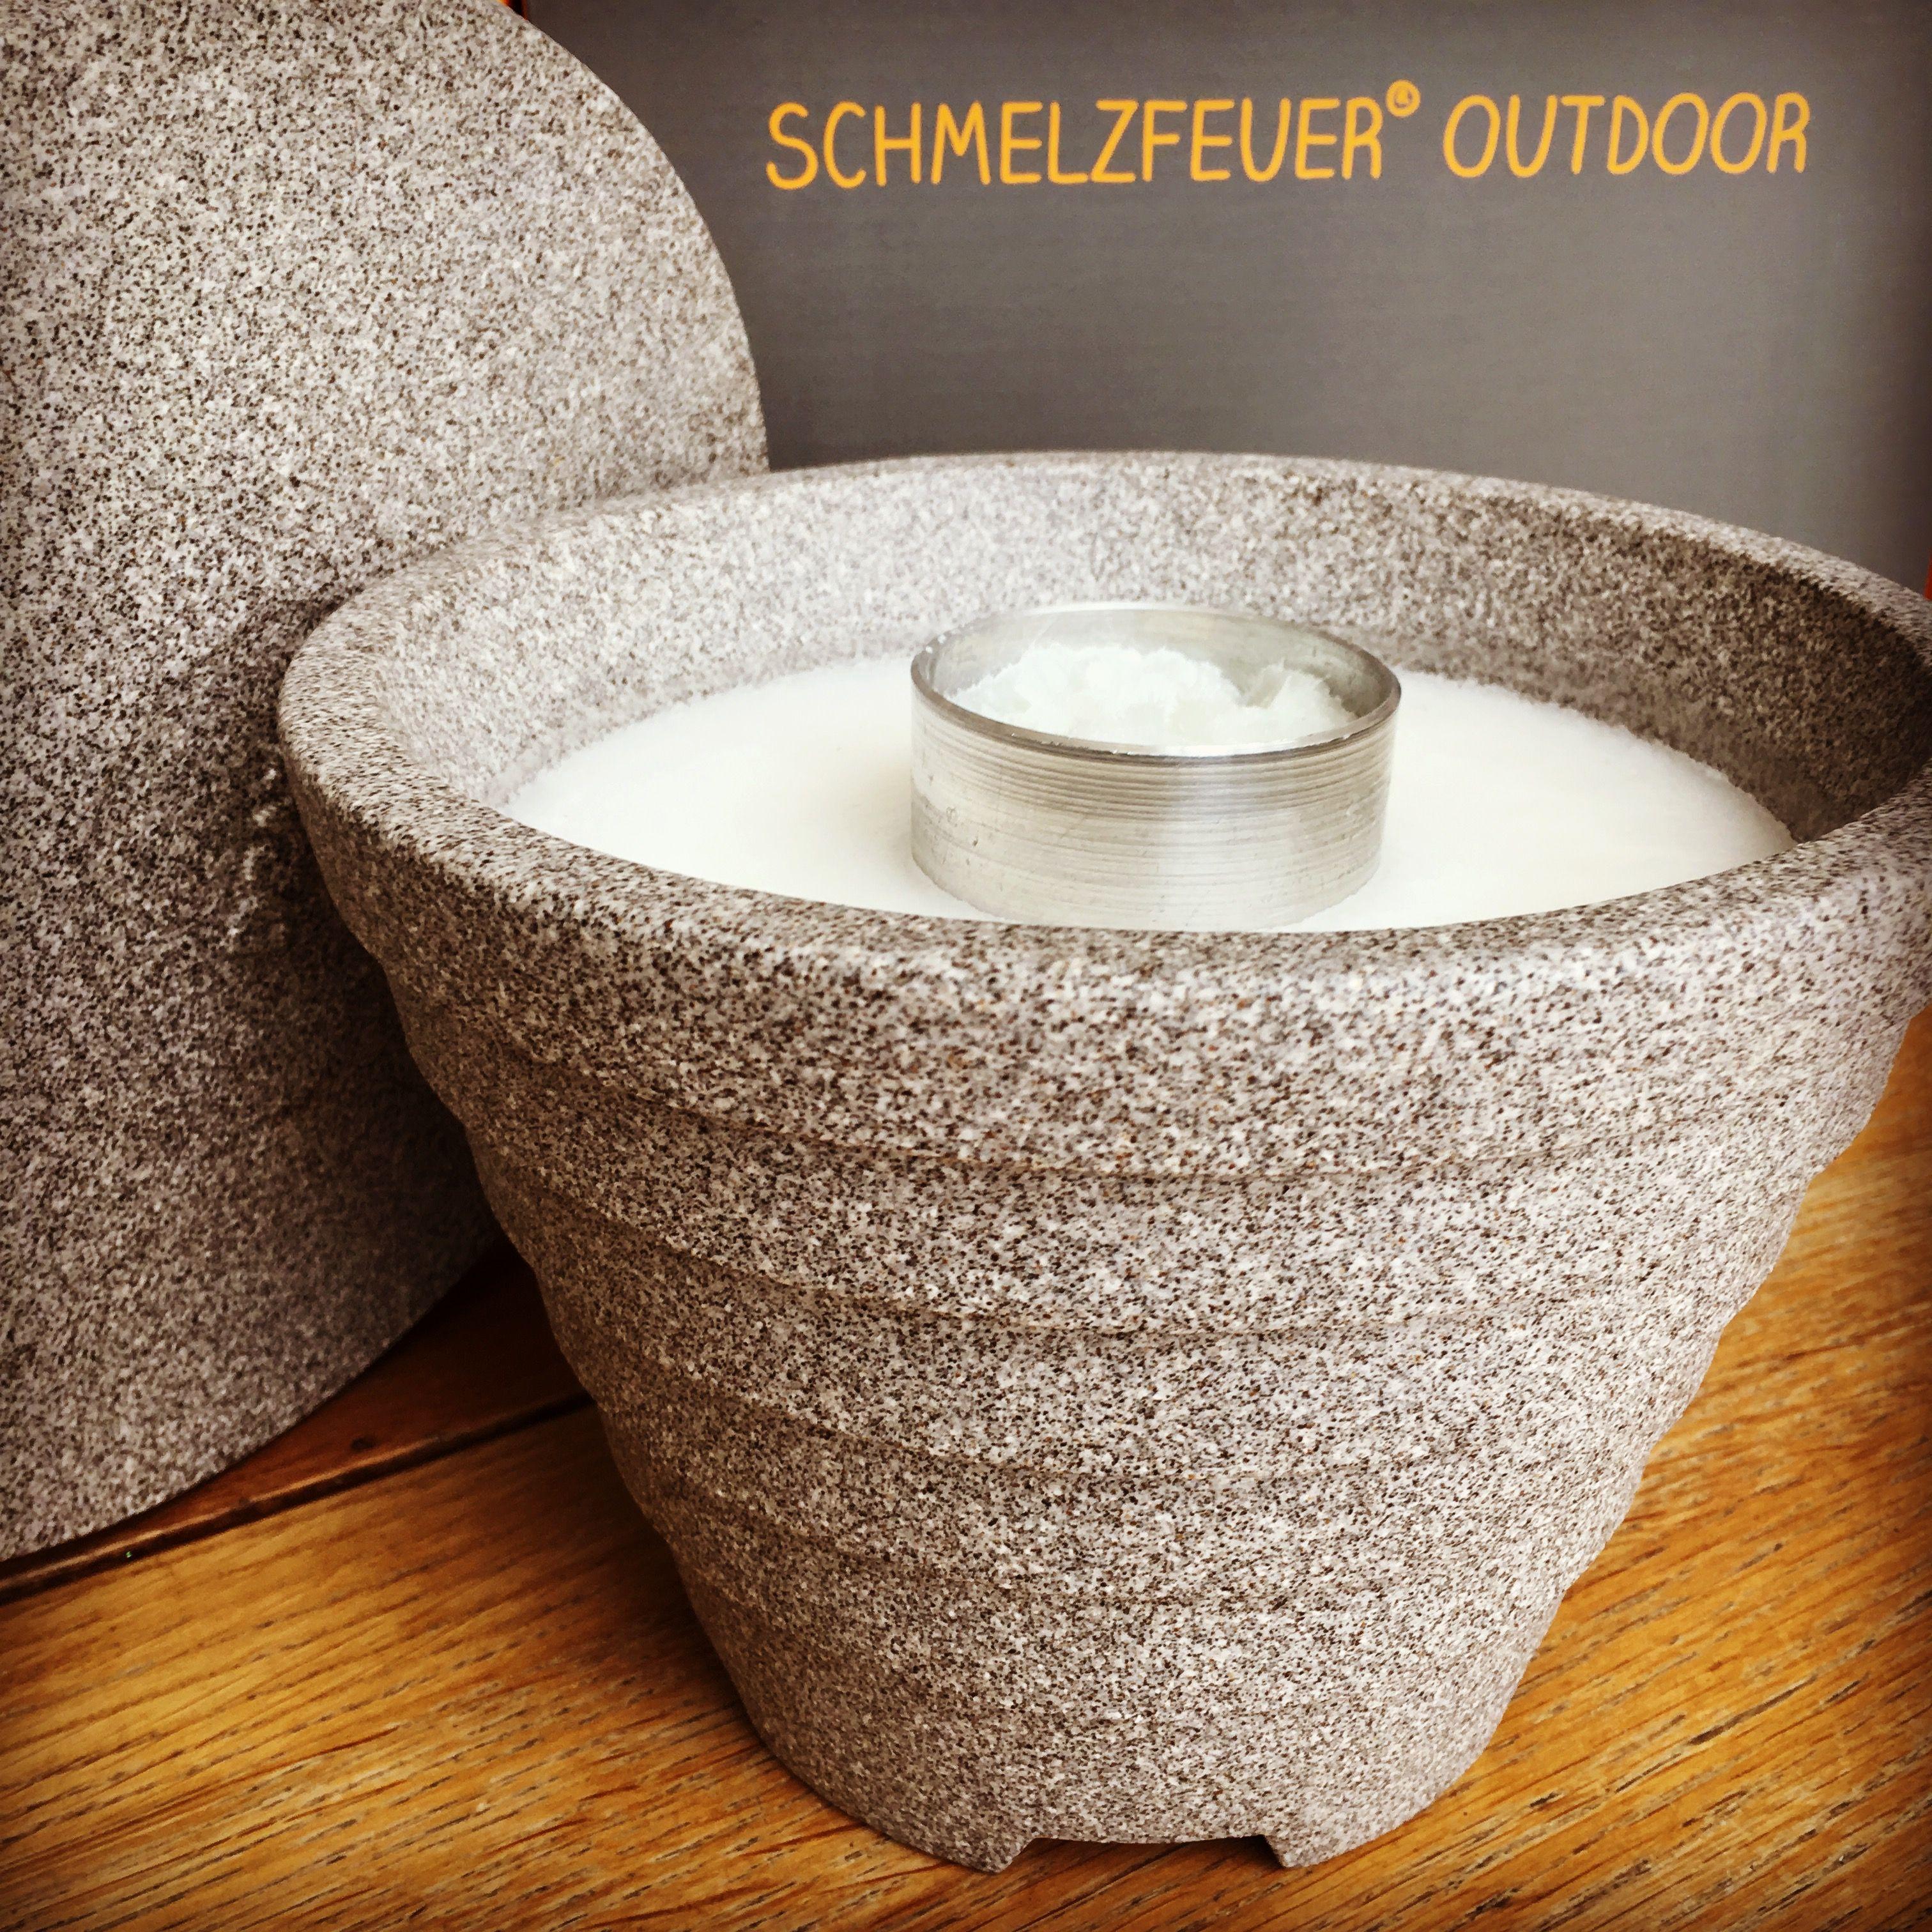 Attraktiv Schmelzfeuer Outdoor Beste Wahl Denk Granicium Wax Burner From Treehuggareview.au